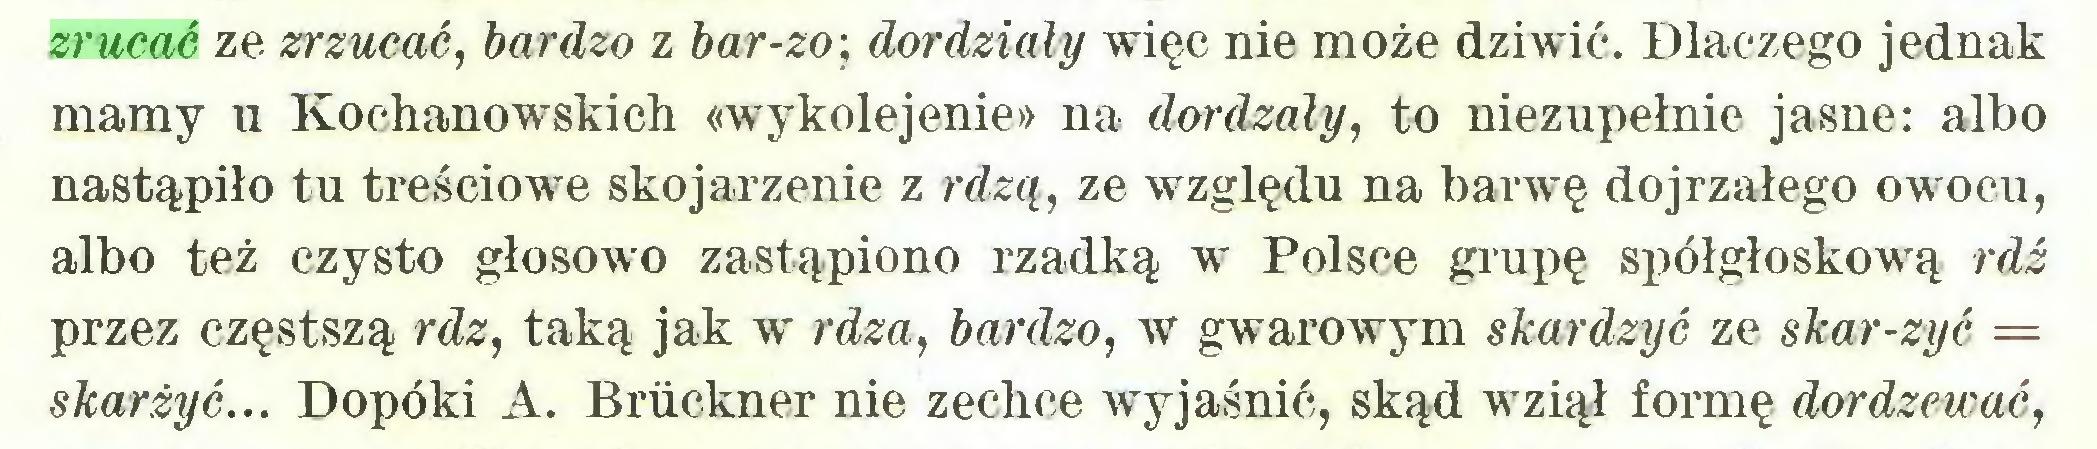 (...) zrucać ze zrzucać, bardzo z bar-zo\ dordziały więc nie może dziwić. Dlaczego jednak mamy u Kochanowskich «wykolejenie» na dordzały, to niezupełnie jasne: albo nastąpiło tu treściowe skojarzenie z rdzą, ze względu na barwę dojrzałego owocu, albo też czysto głosowo zastąpiono rzadką w Polsce grupę spółgłoskowy rdź przez częstszą rdz, taką jak w rdza, bardzo, w gwarowym skardzyć ze skar-zyć = skarżyć... Dopóki A. Brückner nie zechce wTyjaśnić, skąd wTziął formę dordzewać,...